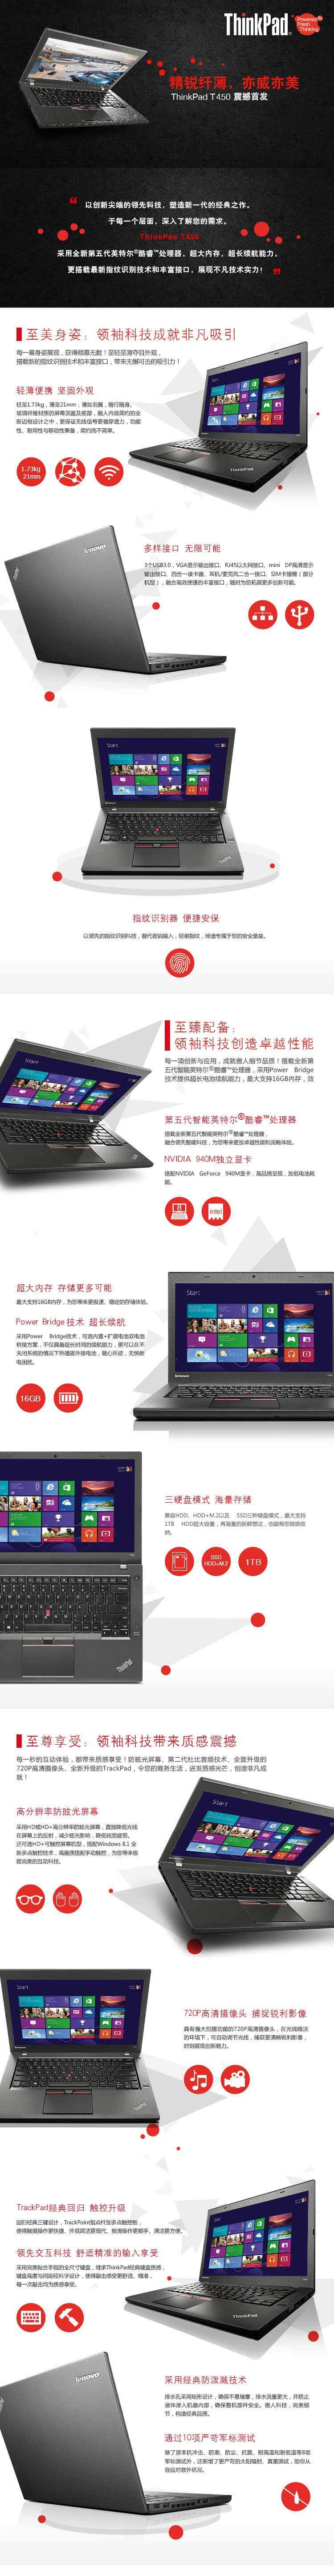 联想 ThinkPad T450 14.0寸 笔记本电脑